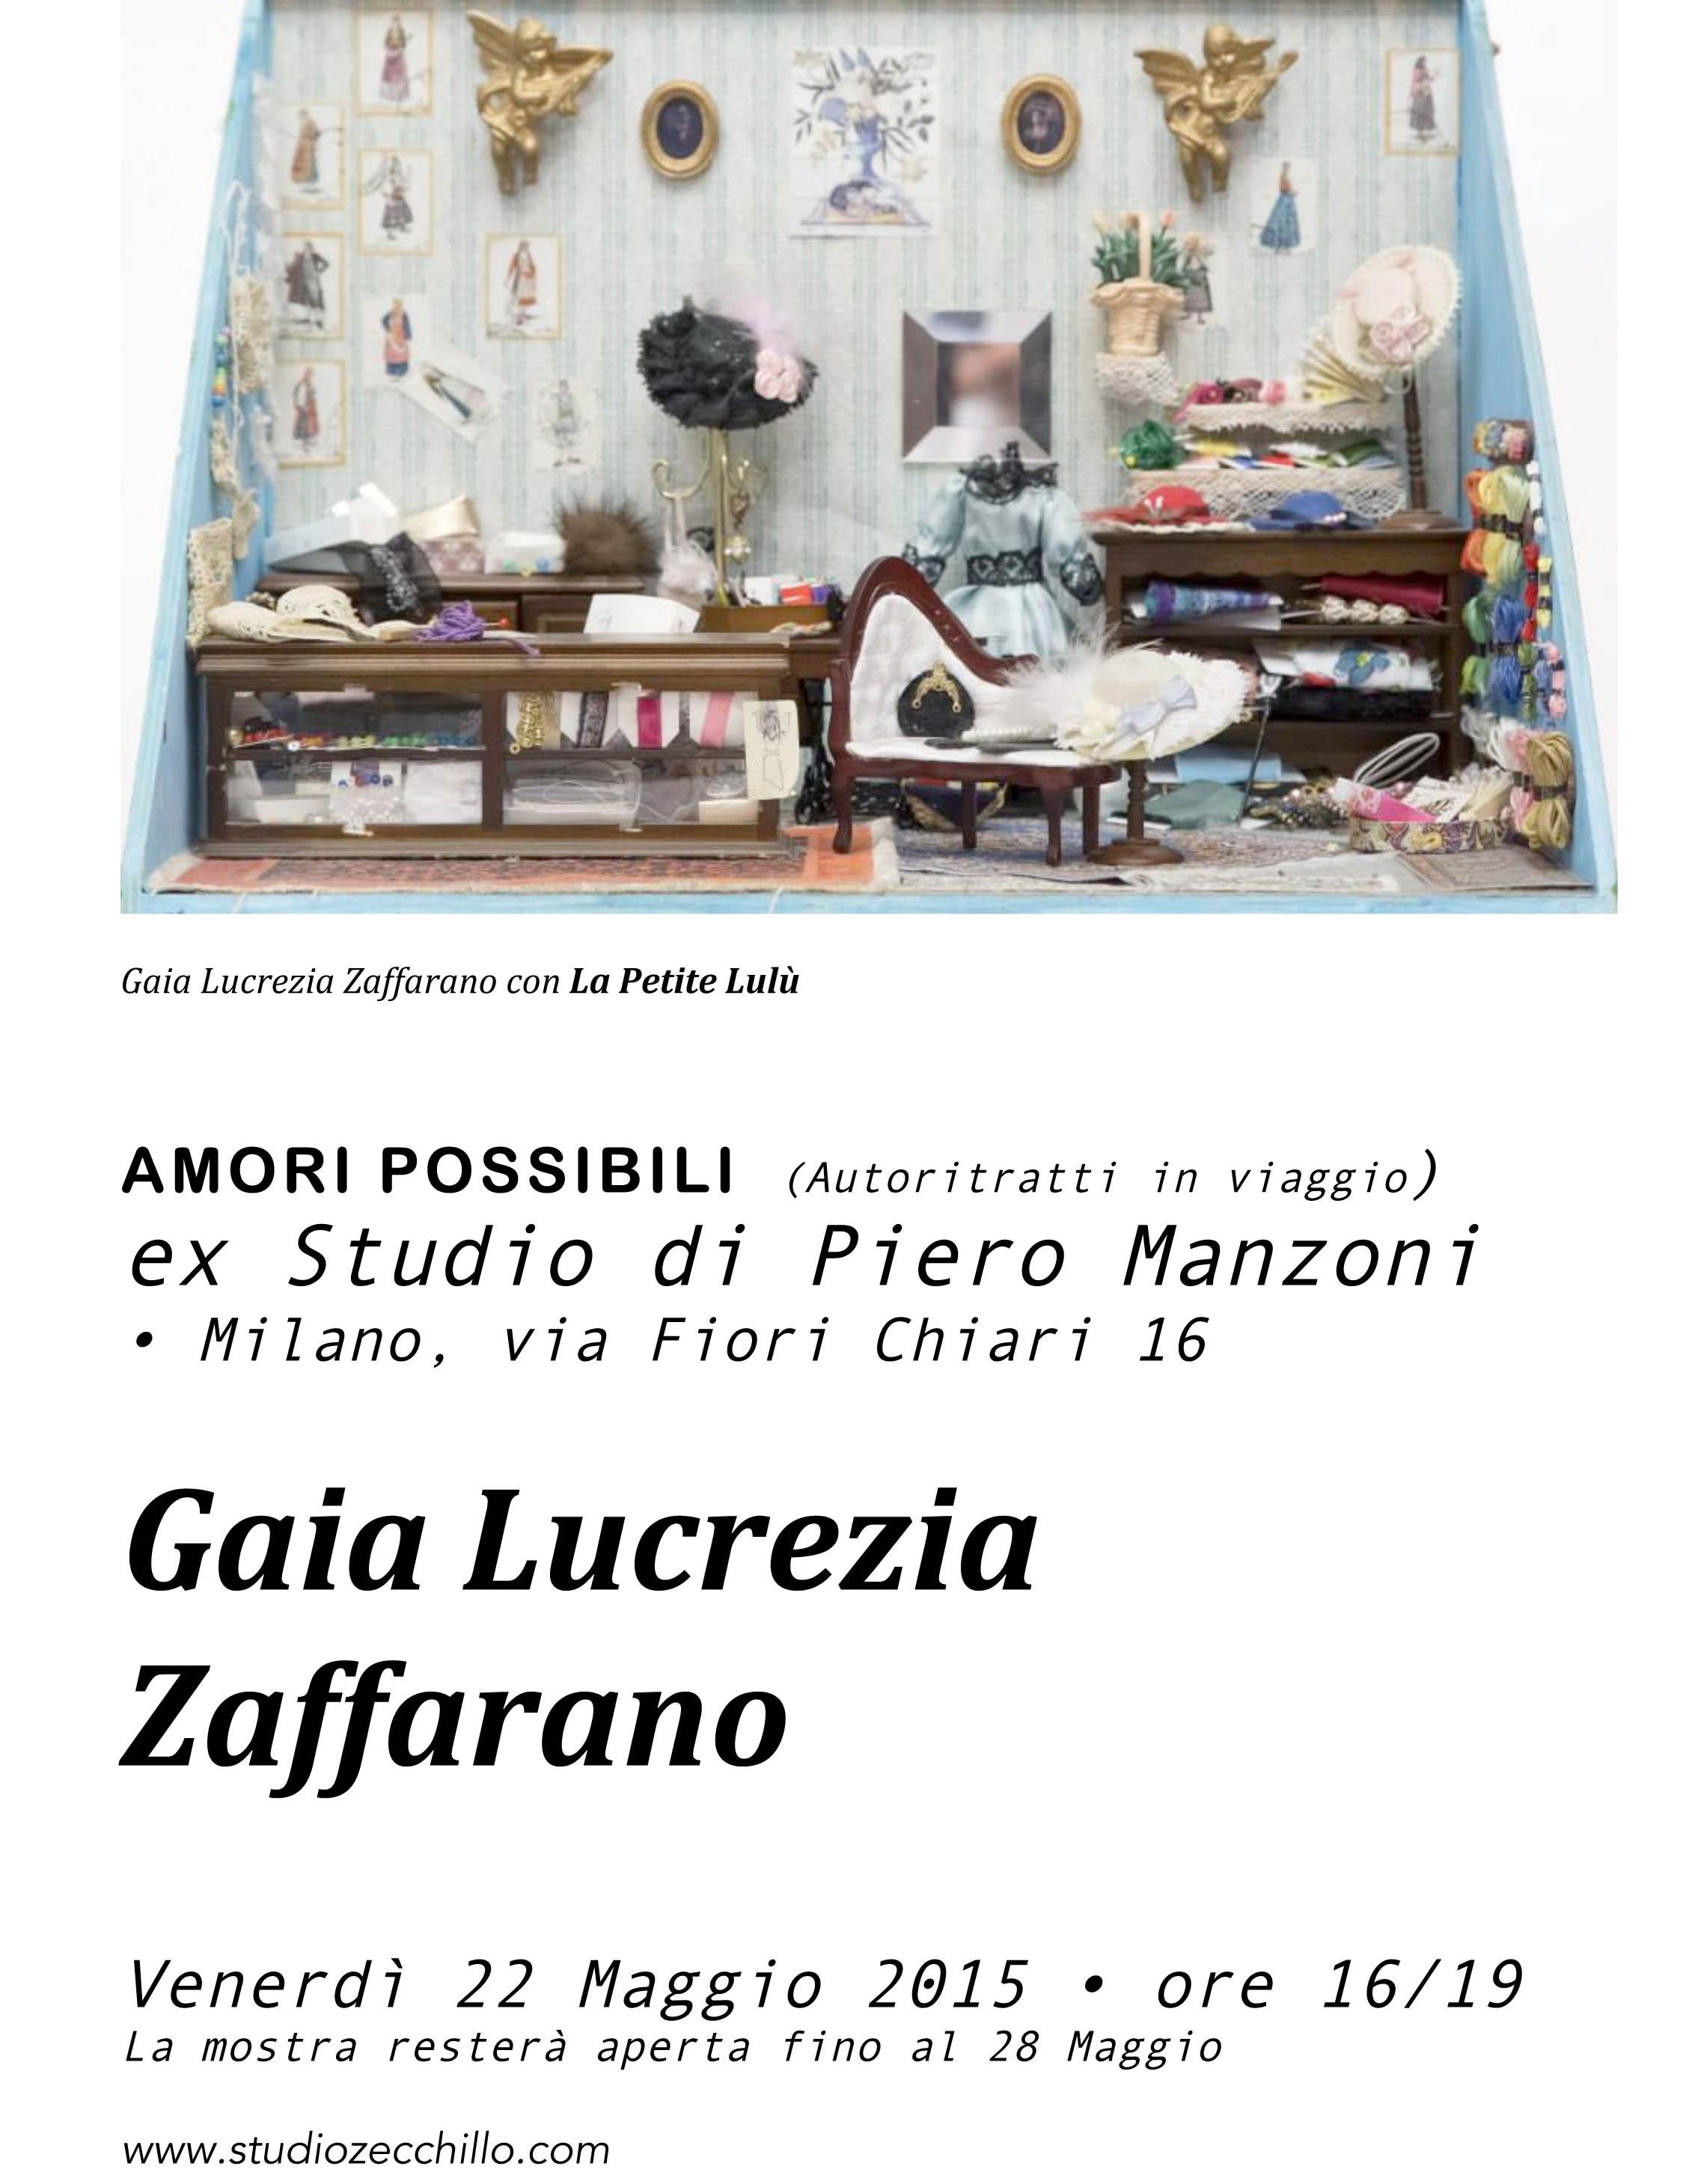 Microsoft Word - 1_G.Lucrezia Z..doc